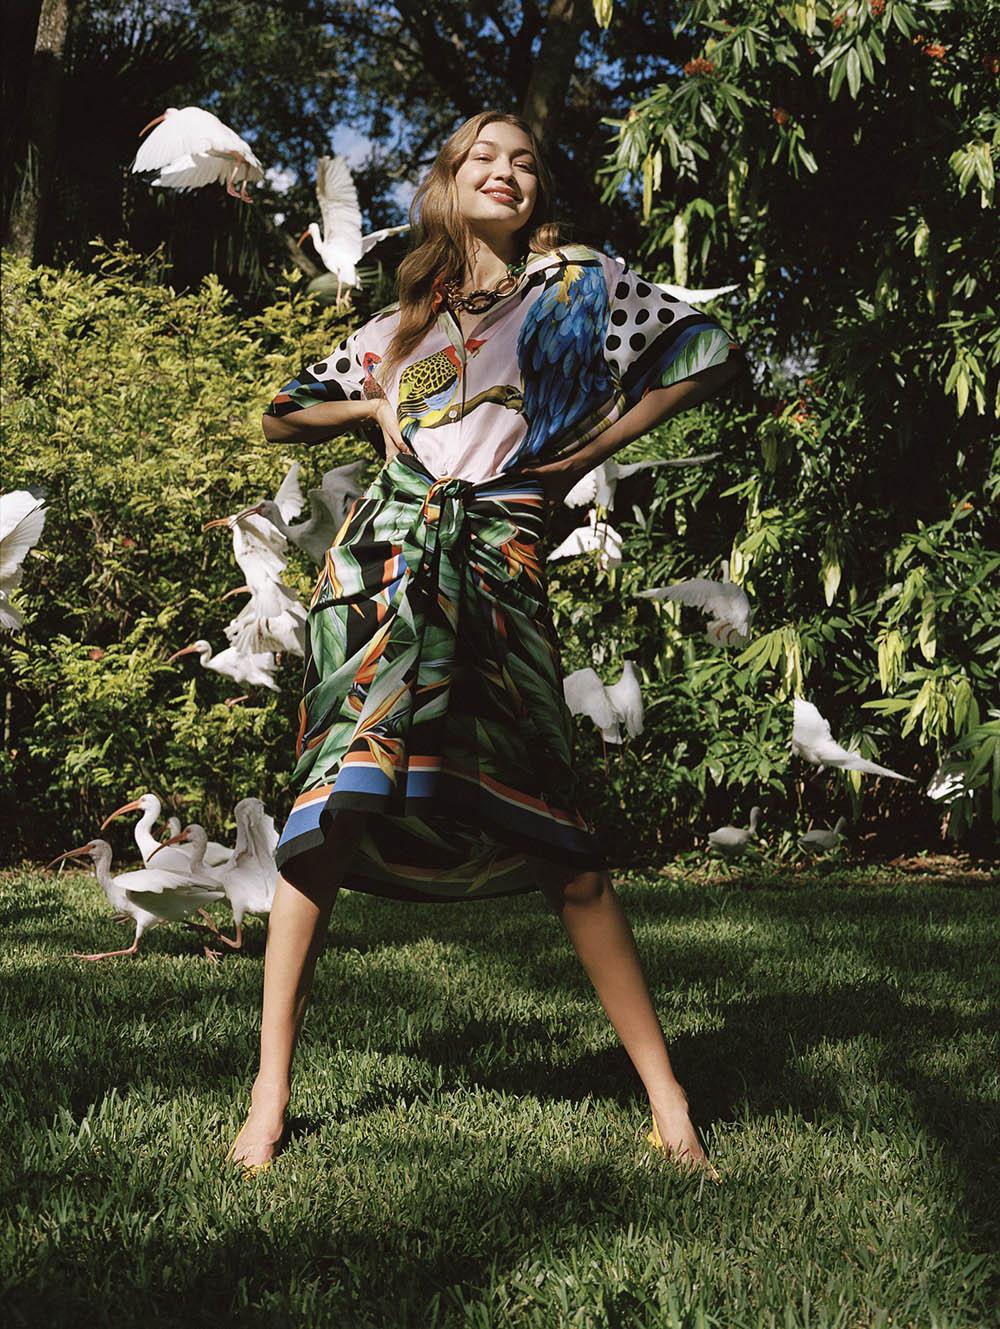 Gigi Hadid by Sean Thomas for Vogue US January 2020